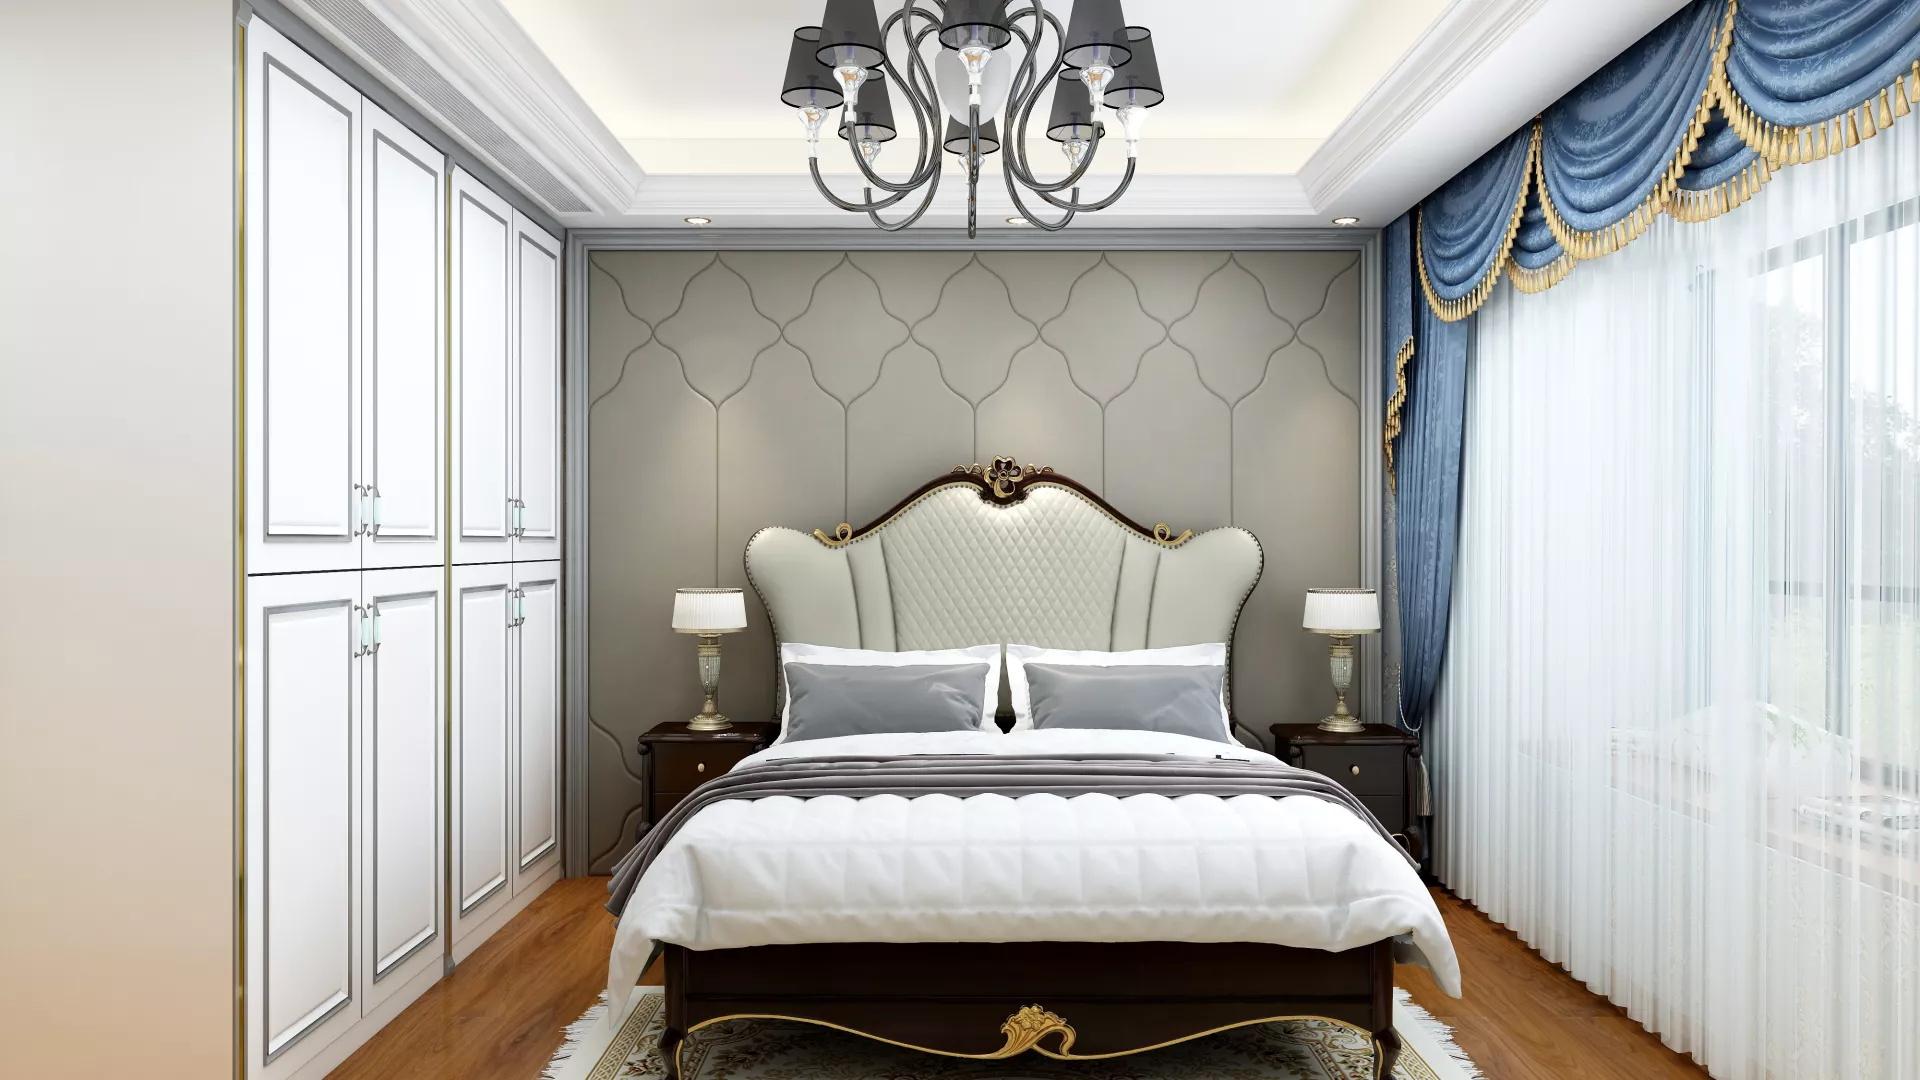 女生卧室装饰需注意事项 不看会后悔的装饰小知识!